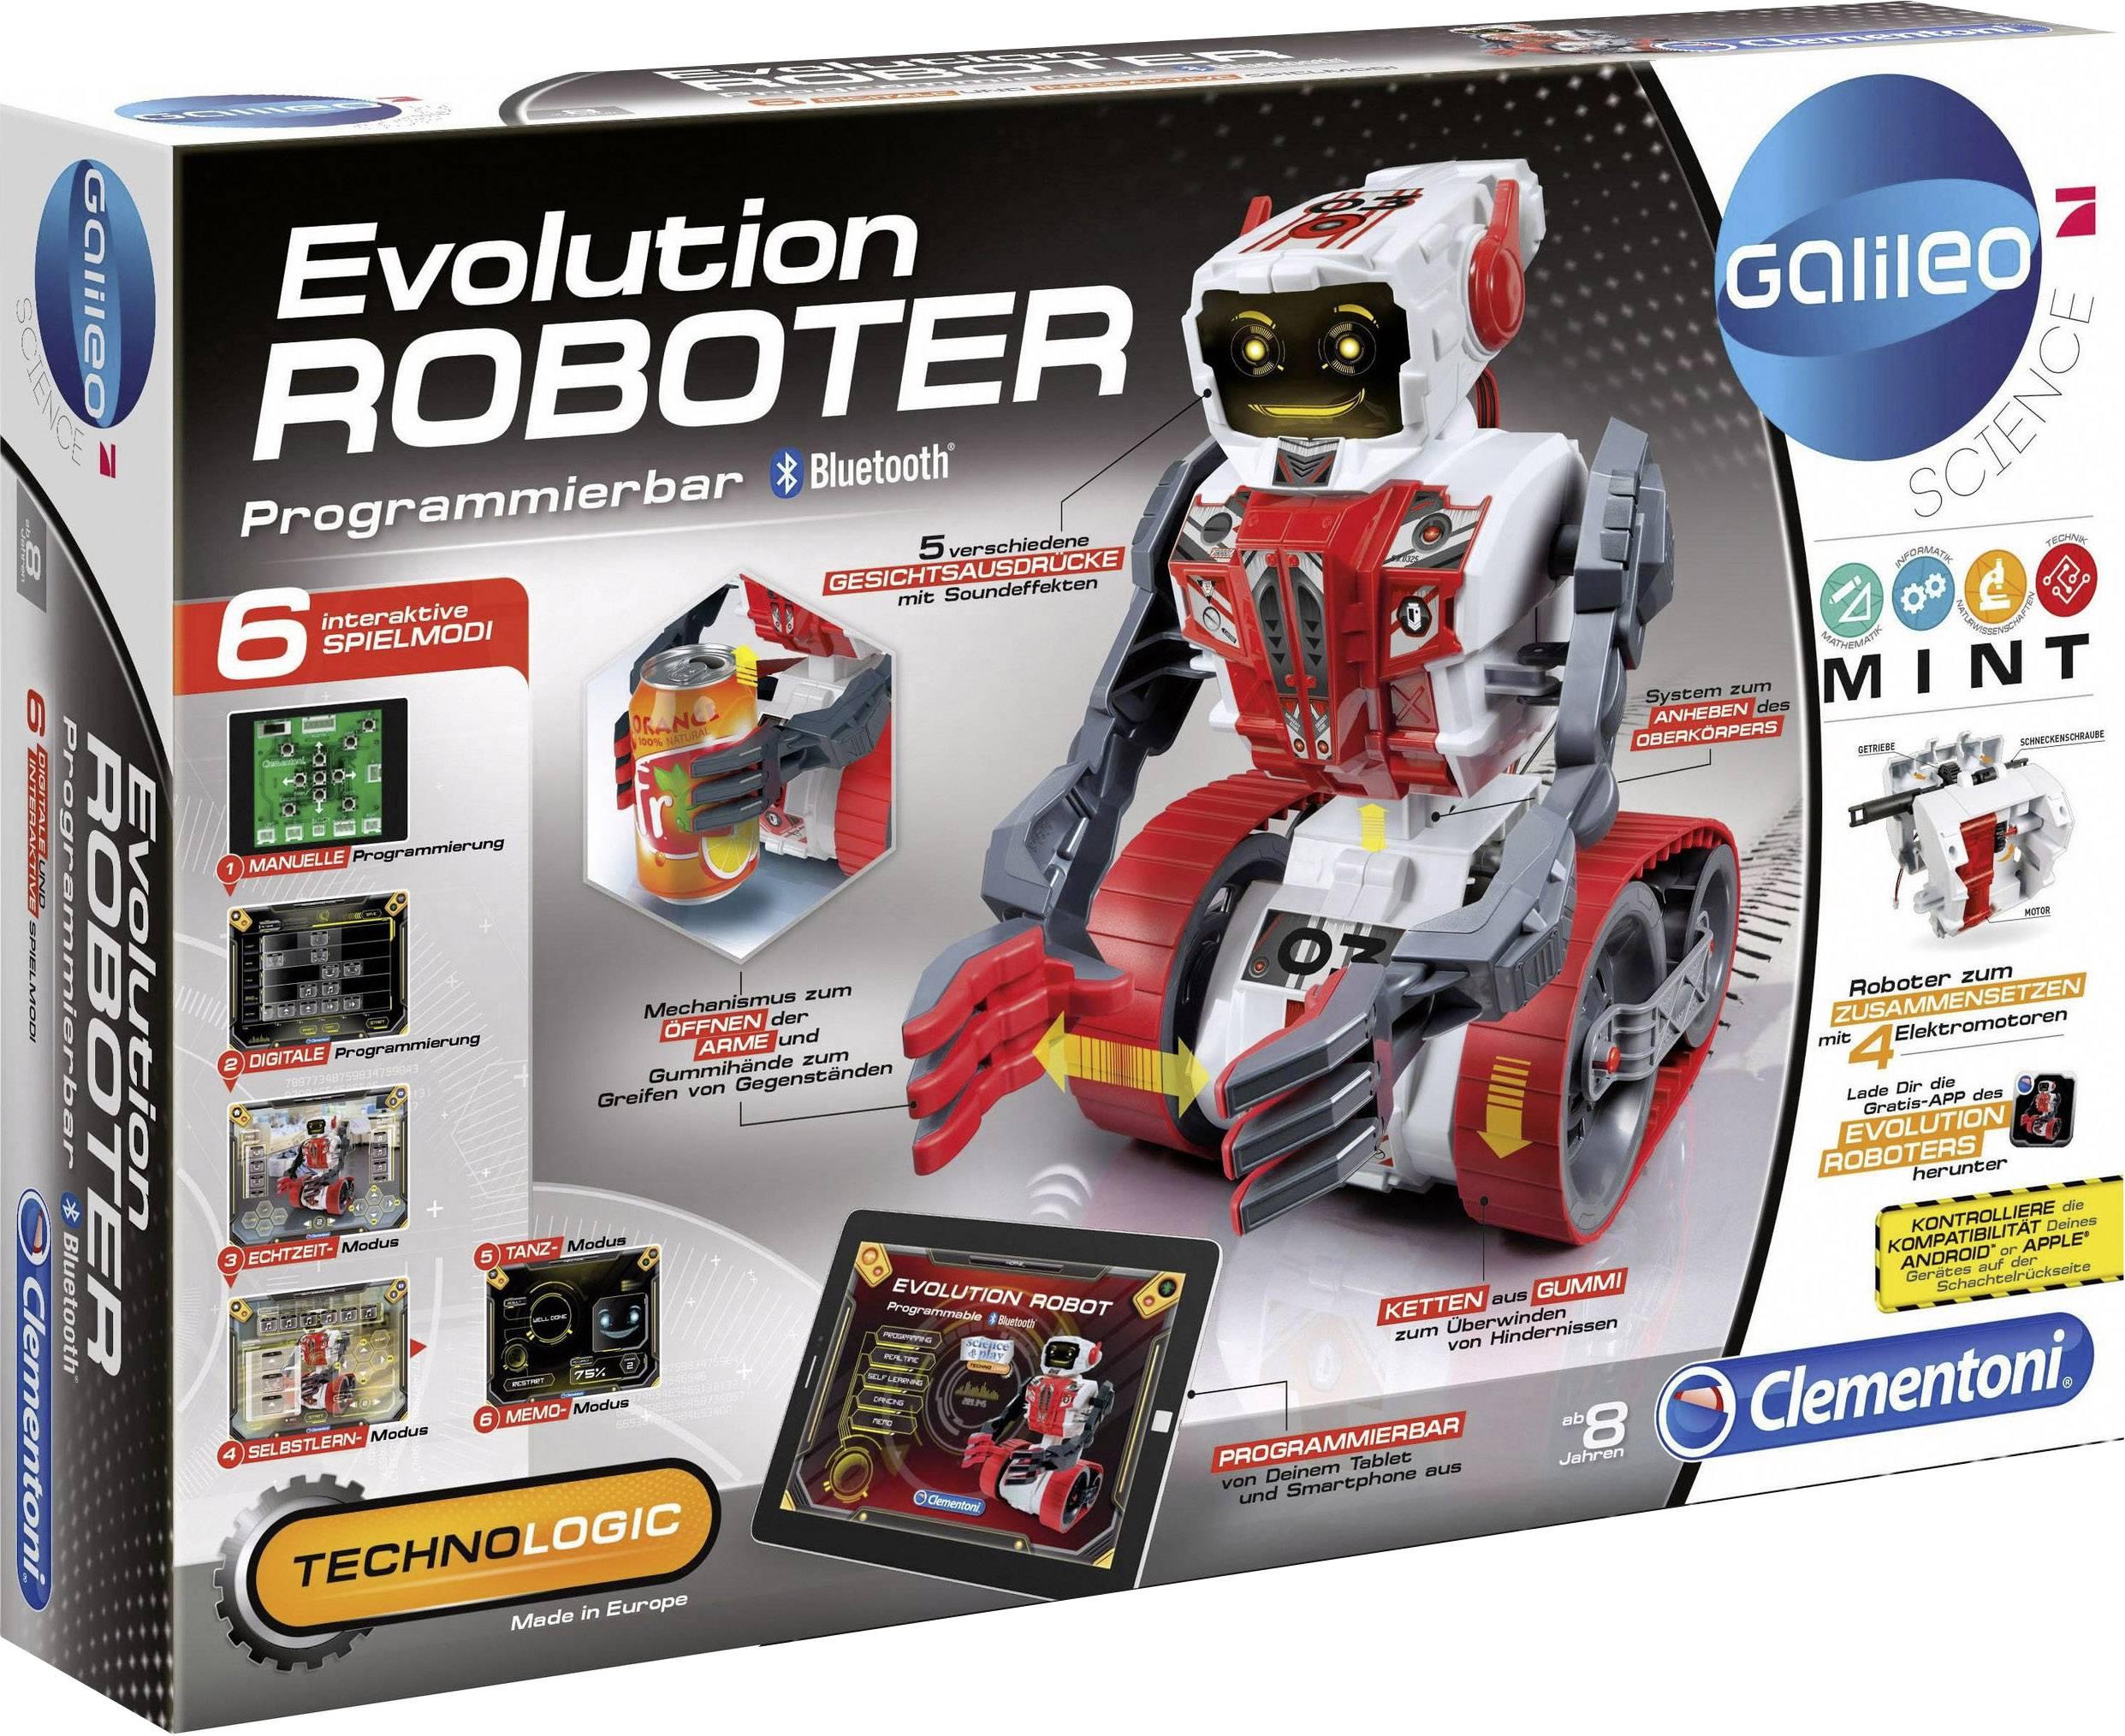 Experimentálna stavebnica robota Clementoni Galileo Evolution Roboter, ovládanie smartfónom